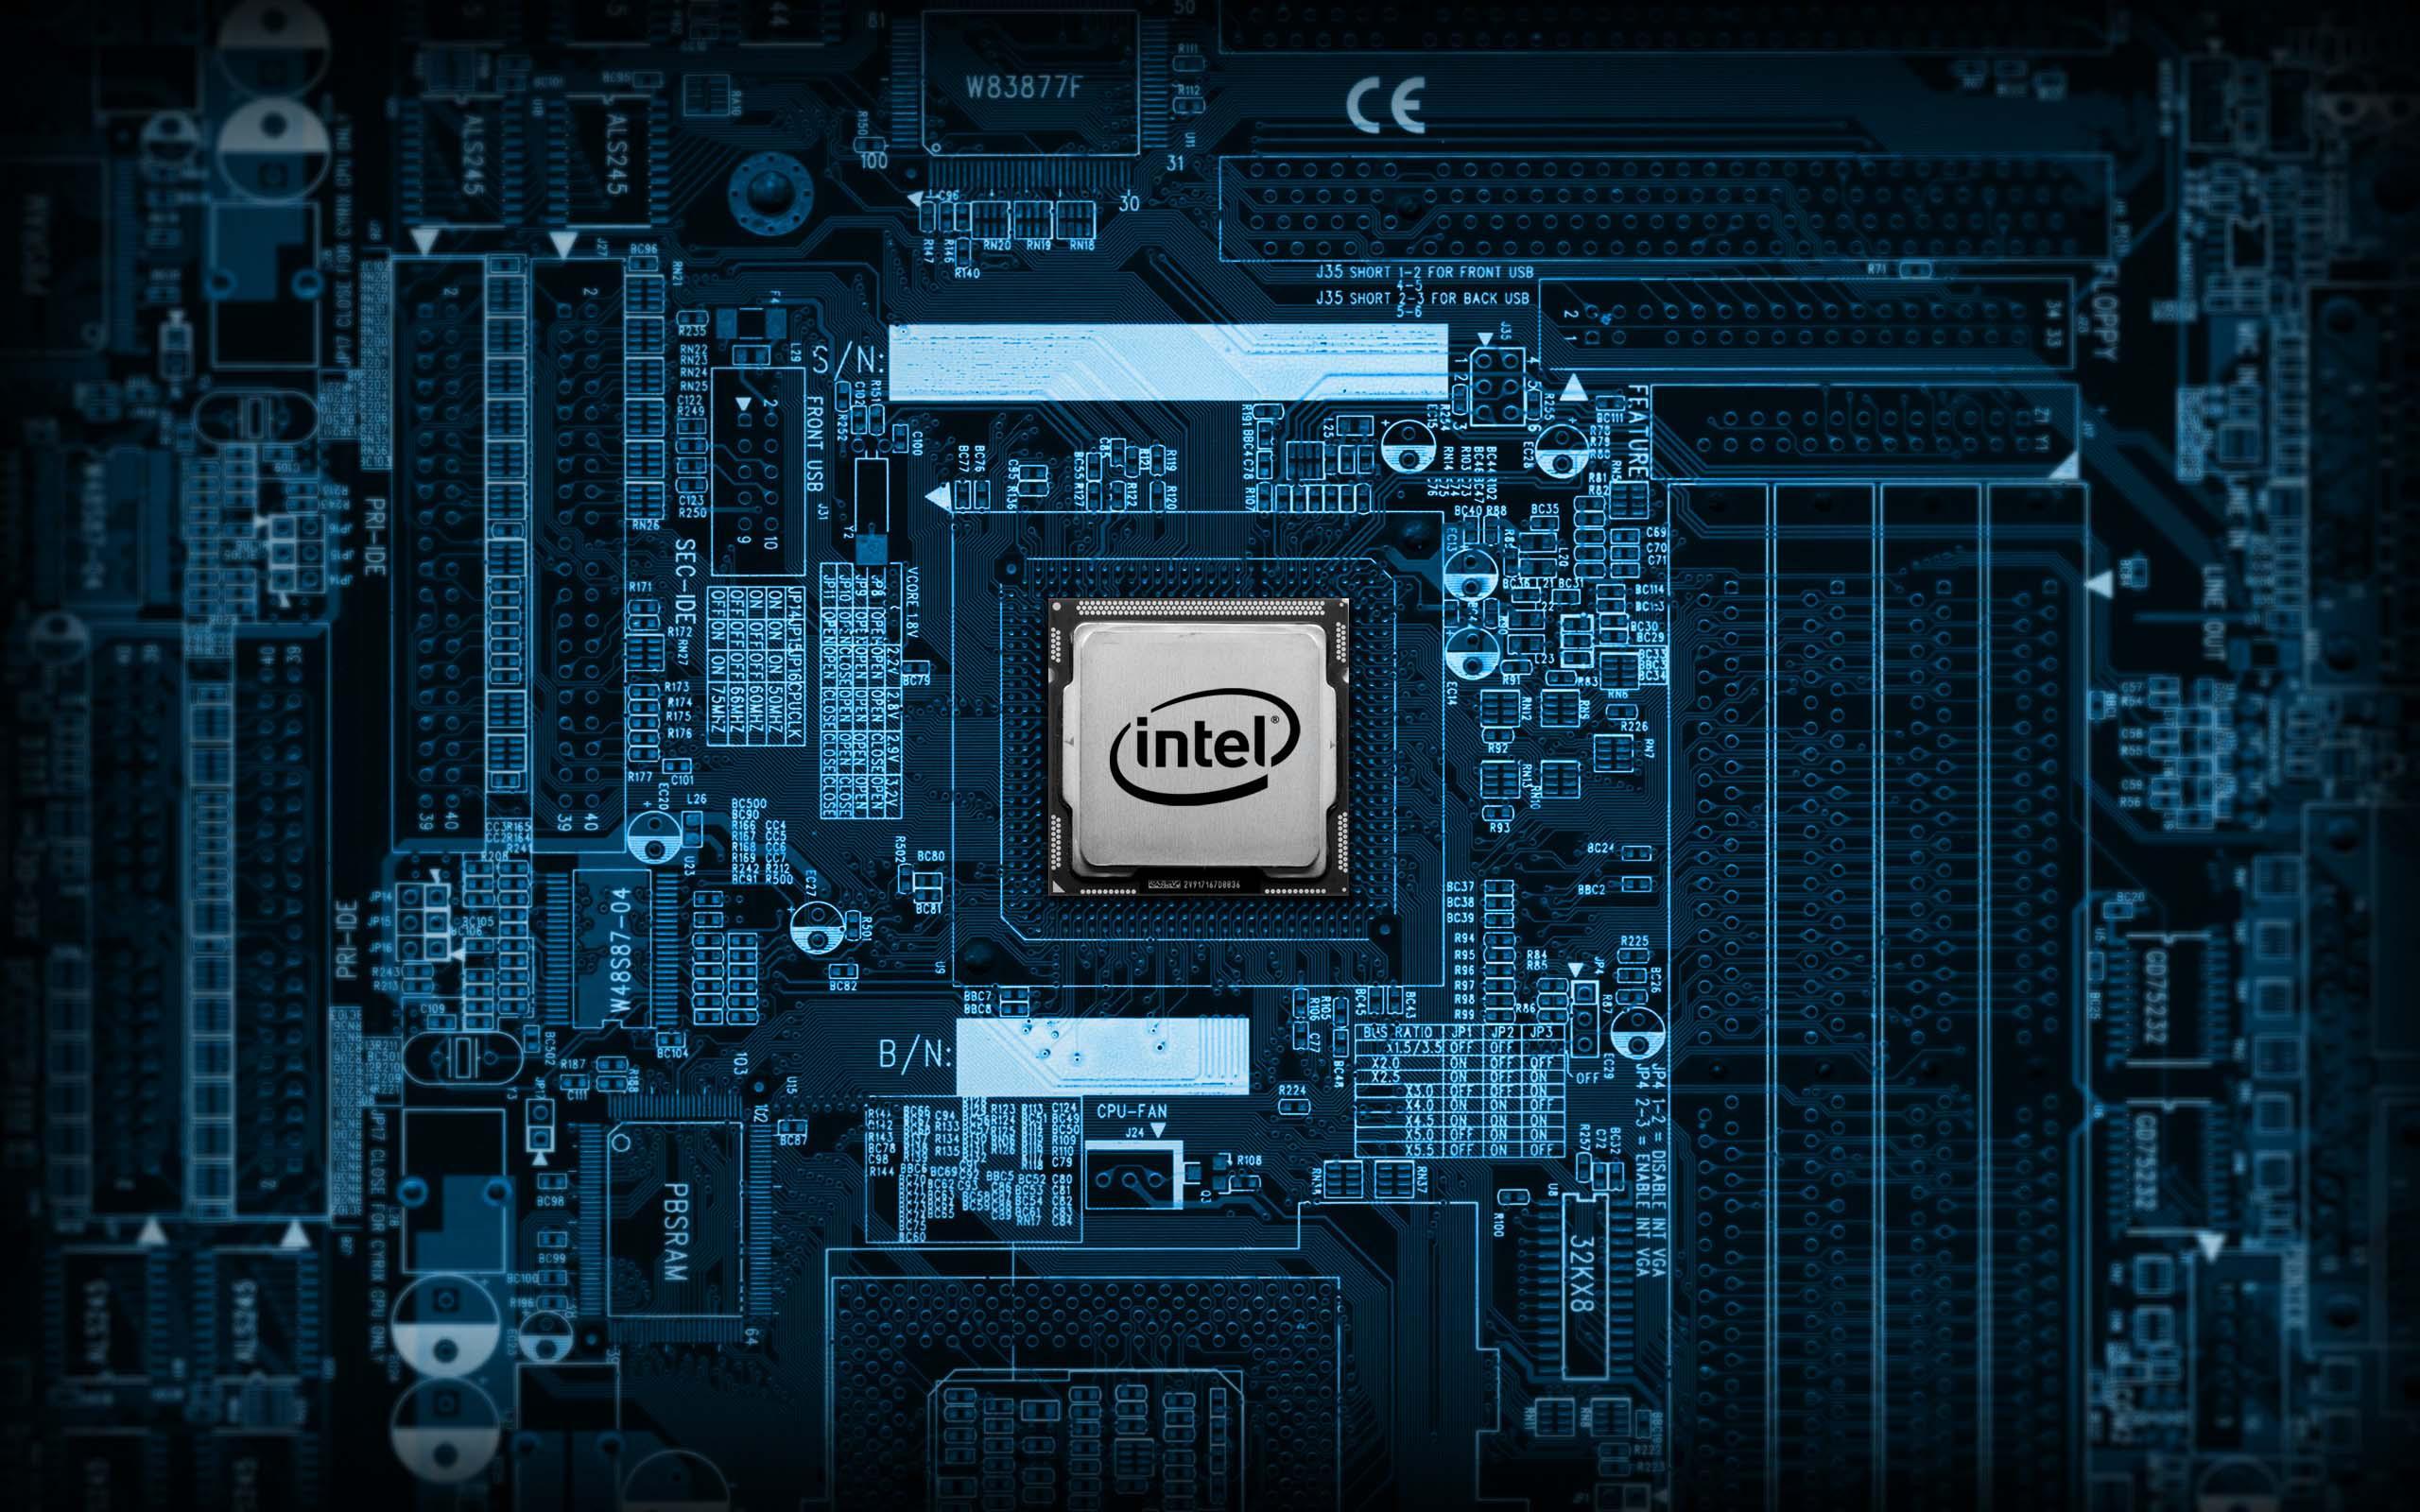 处理器选AMD还是Intel?